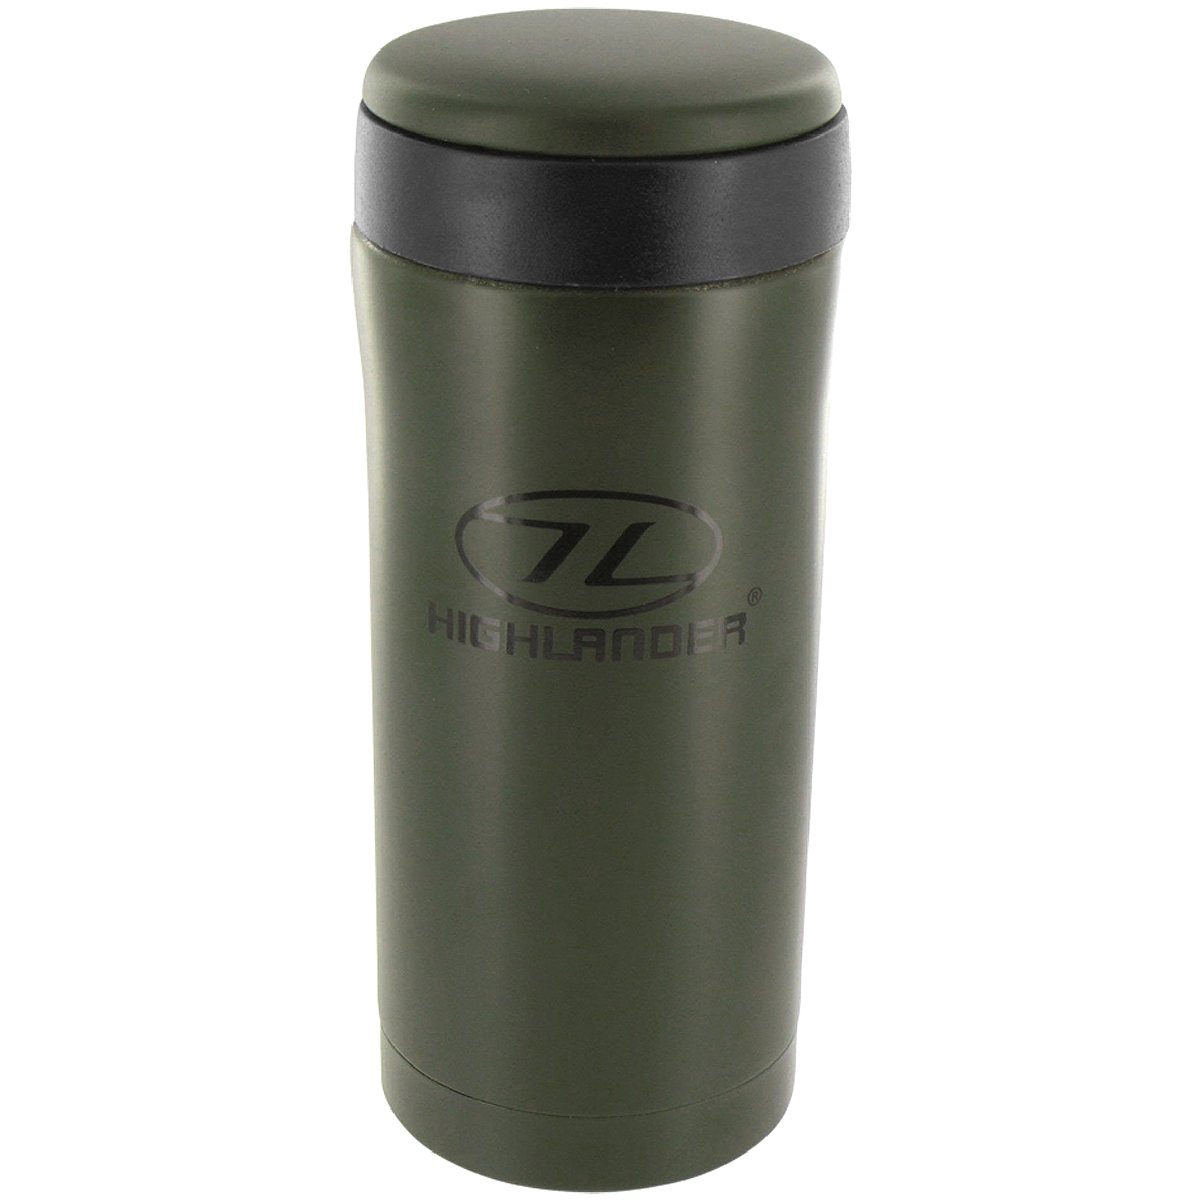 highlander sealed thermal mug olive  cooking  eating  military st - highlander sealed thermal mug olive highlander sealed thermal mug olive